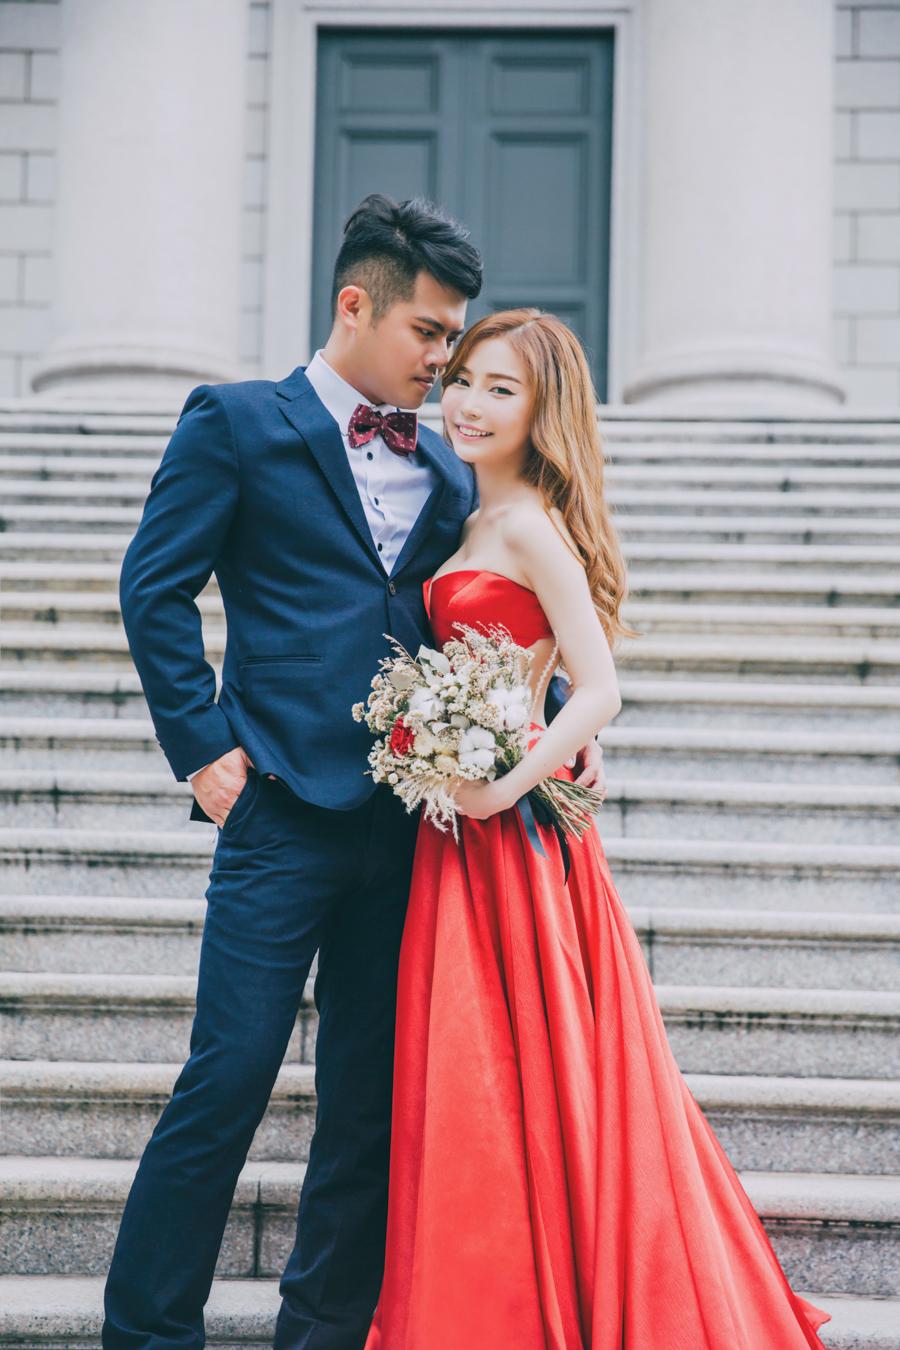 自助婚紗 |  Justin+SindyQ    PREWEDDING  GOOD GOOD 好拍市集  大同大學拍攝|國內婚紗|台北婚紗